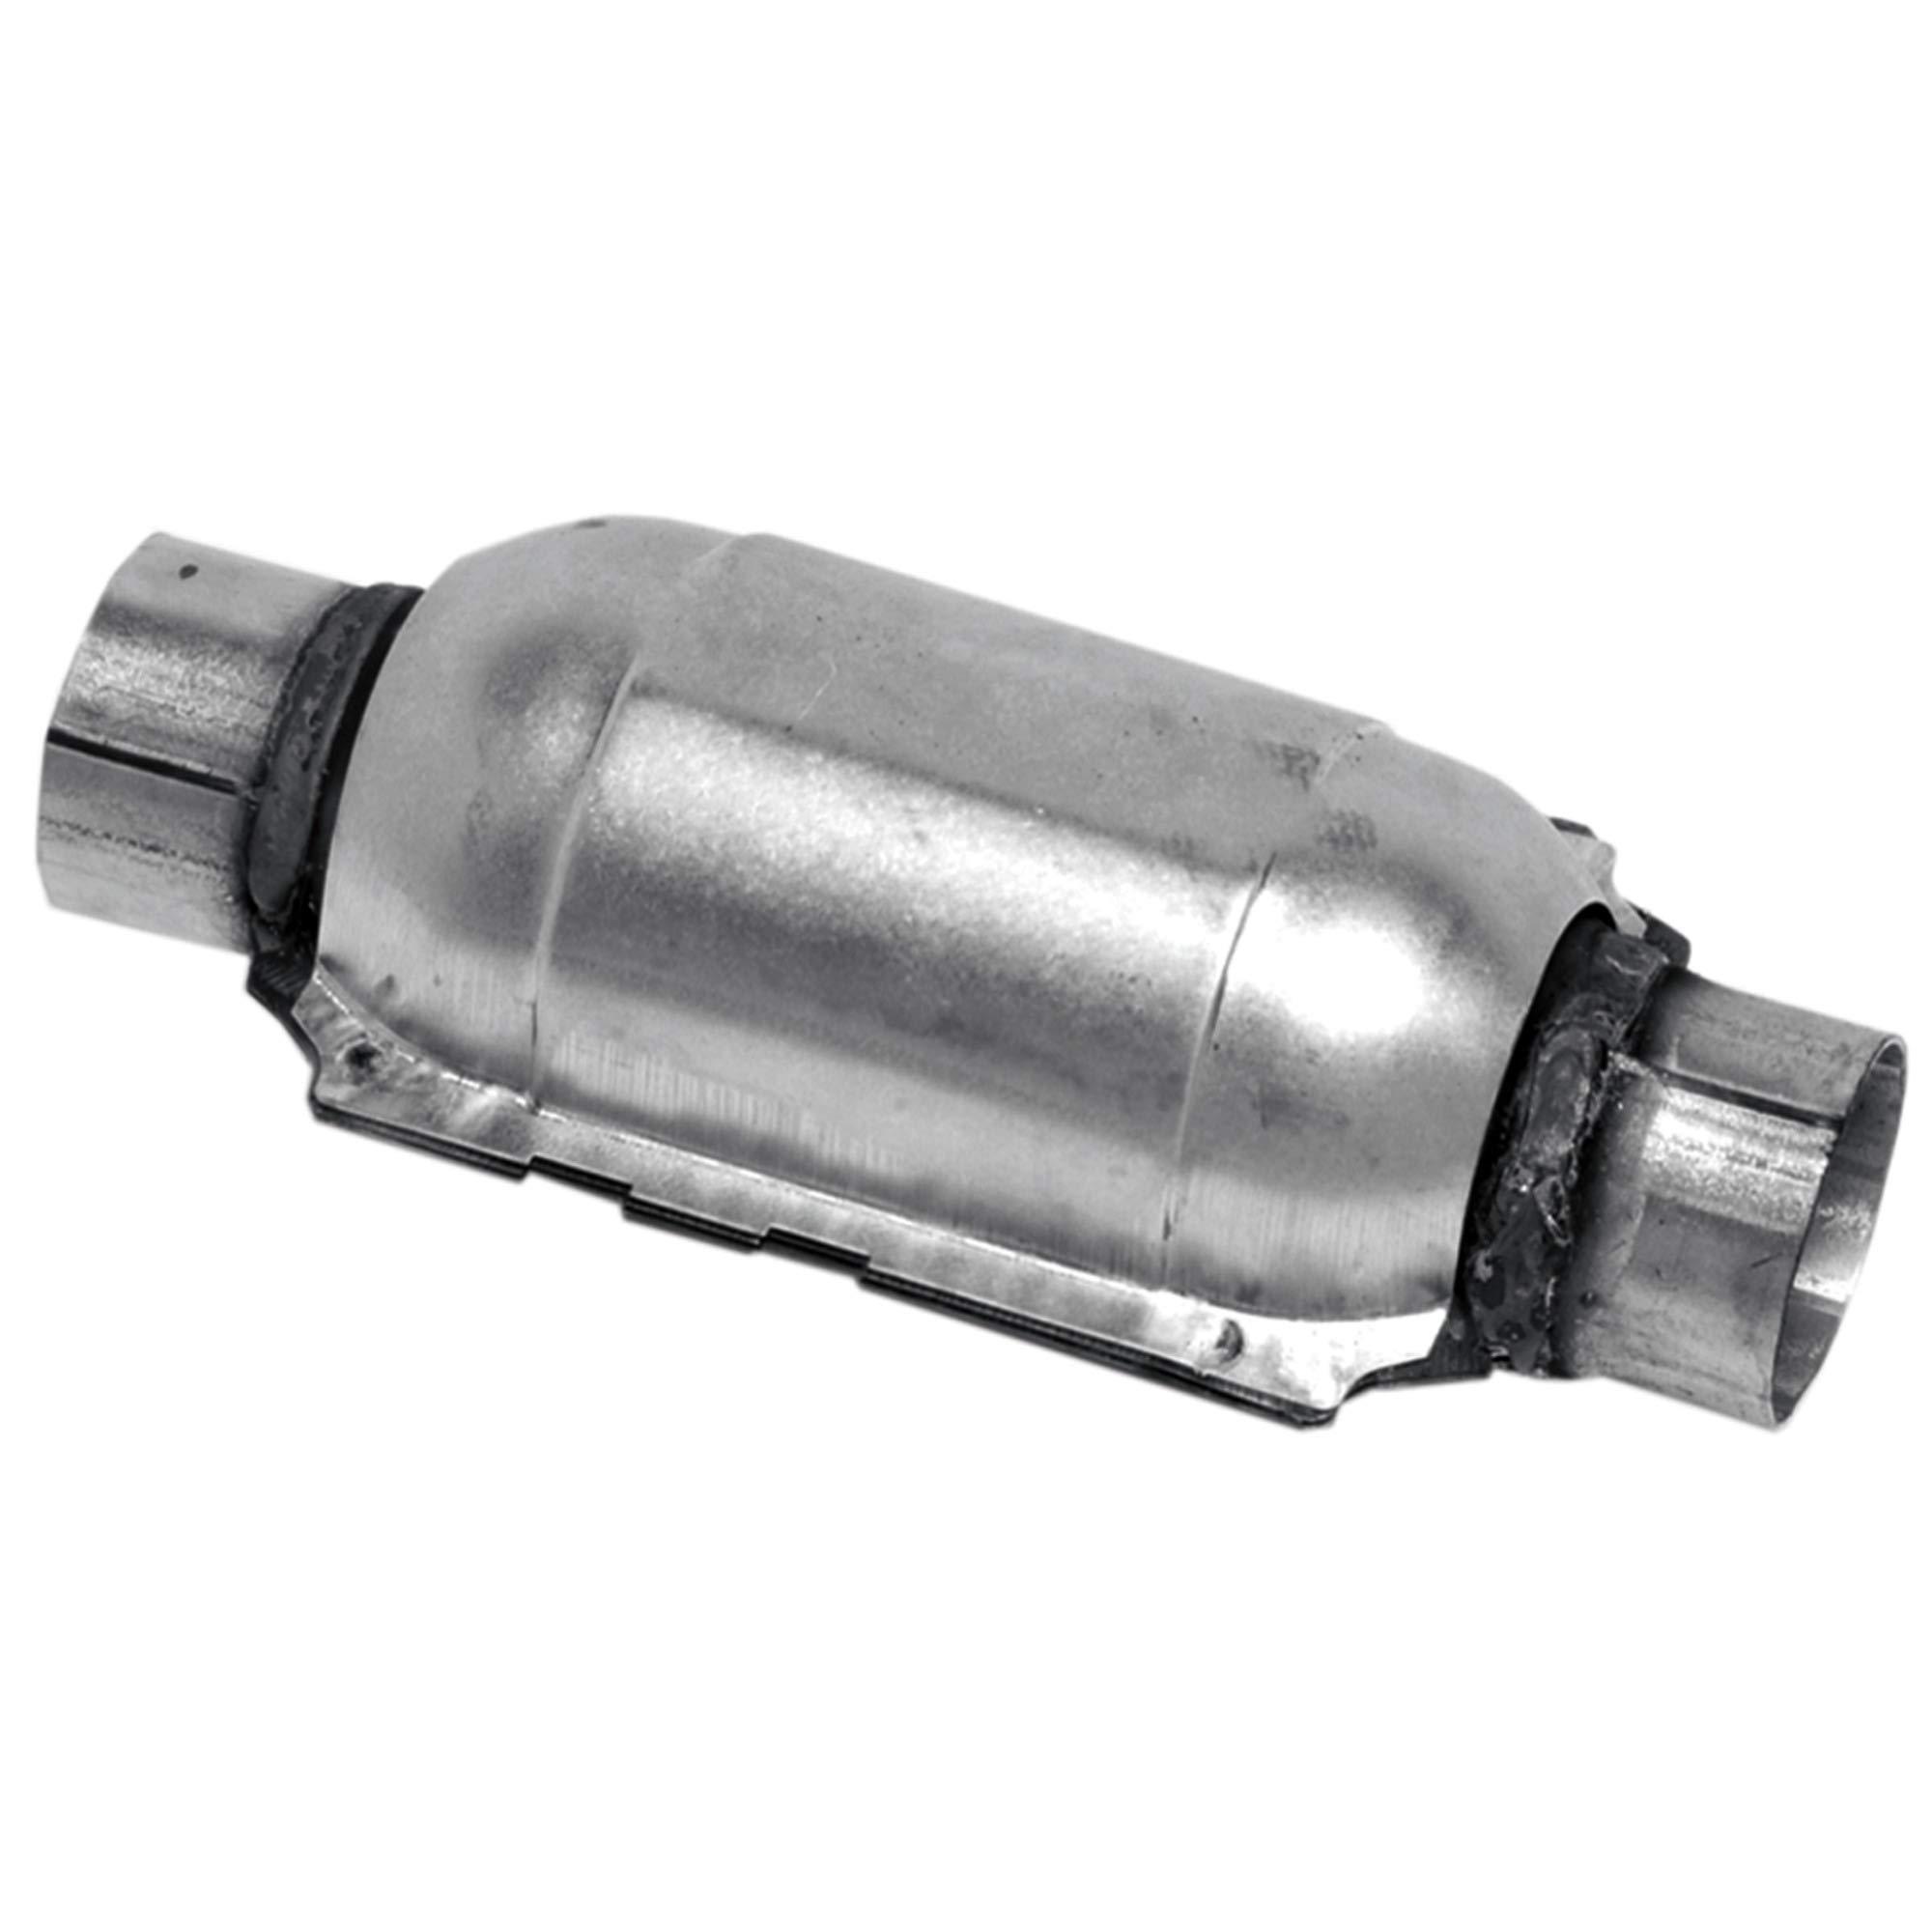 Walker Exhaust Standard EPA 15052 Universal Catalytic Converter